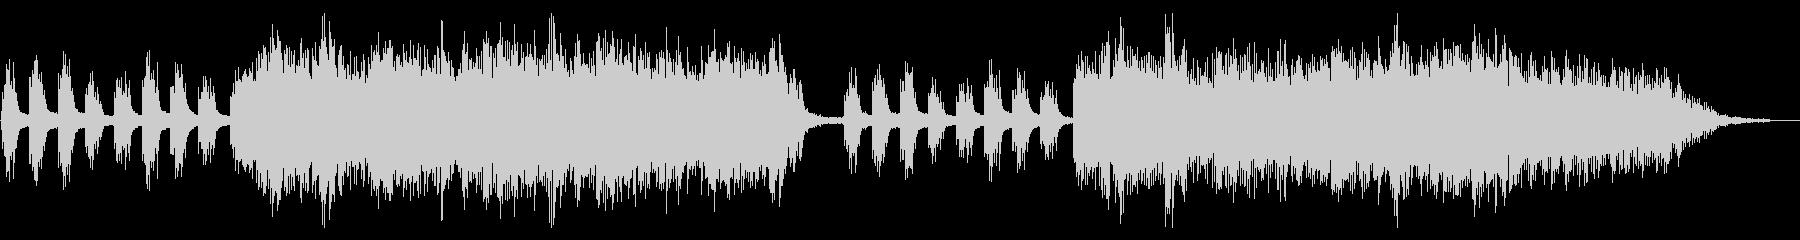 ピアノと波の音にとけあう癒しのハーモニーの未再生の波形